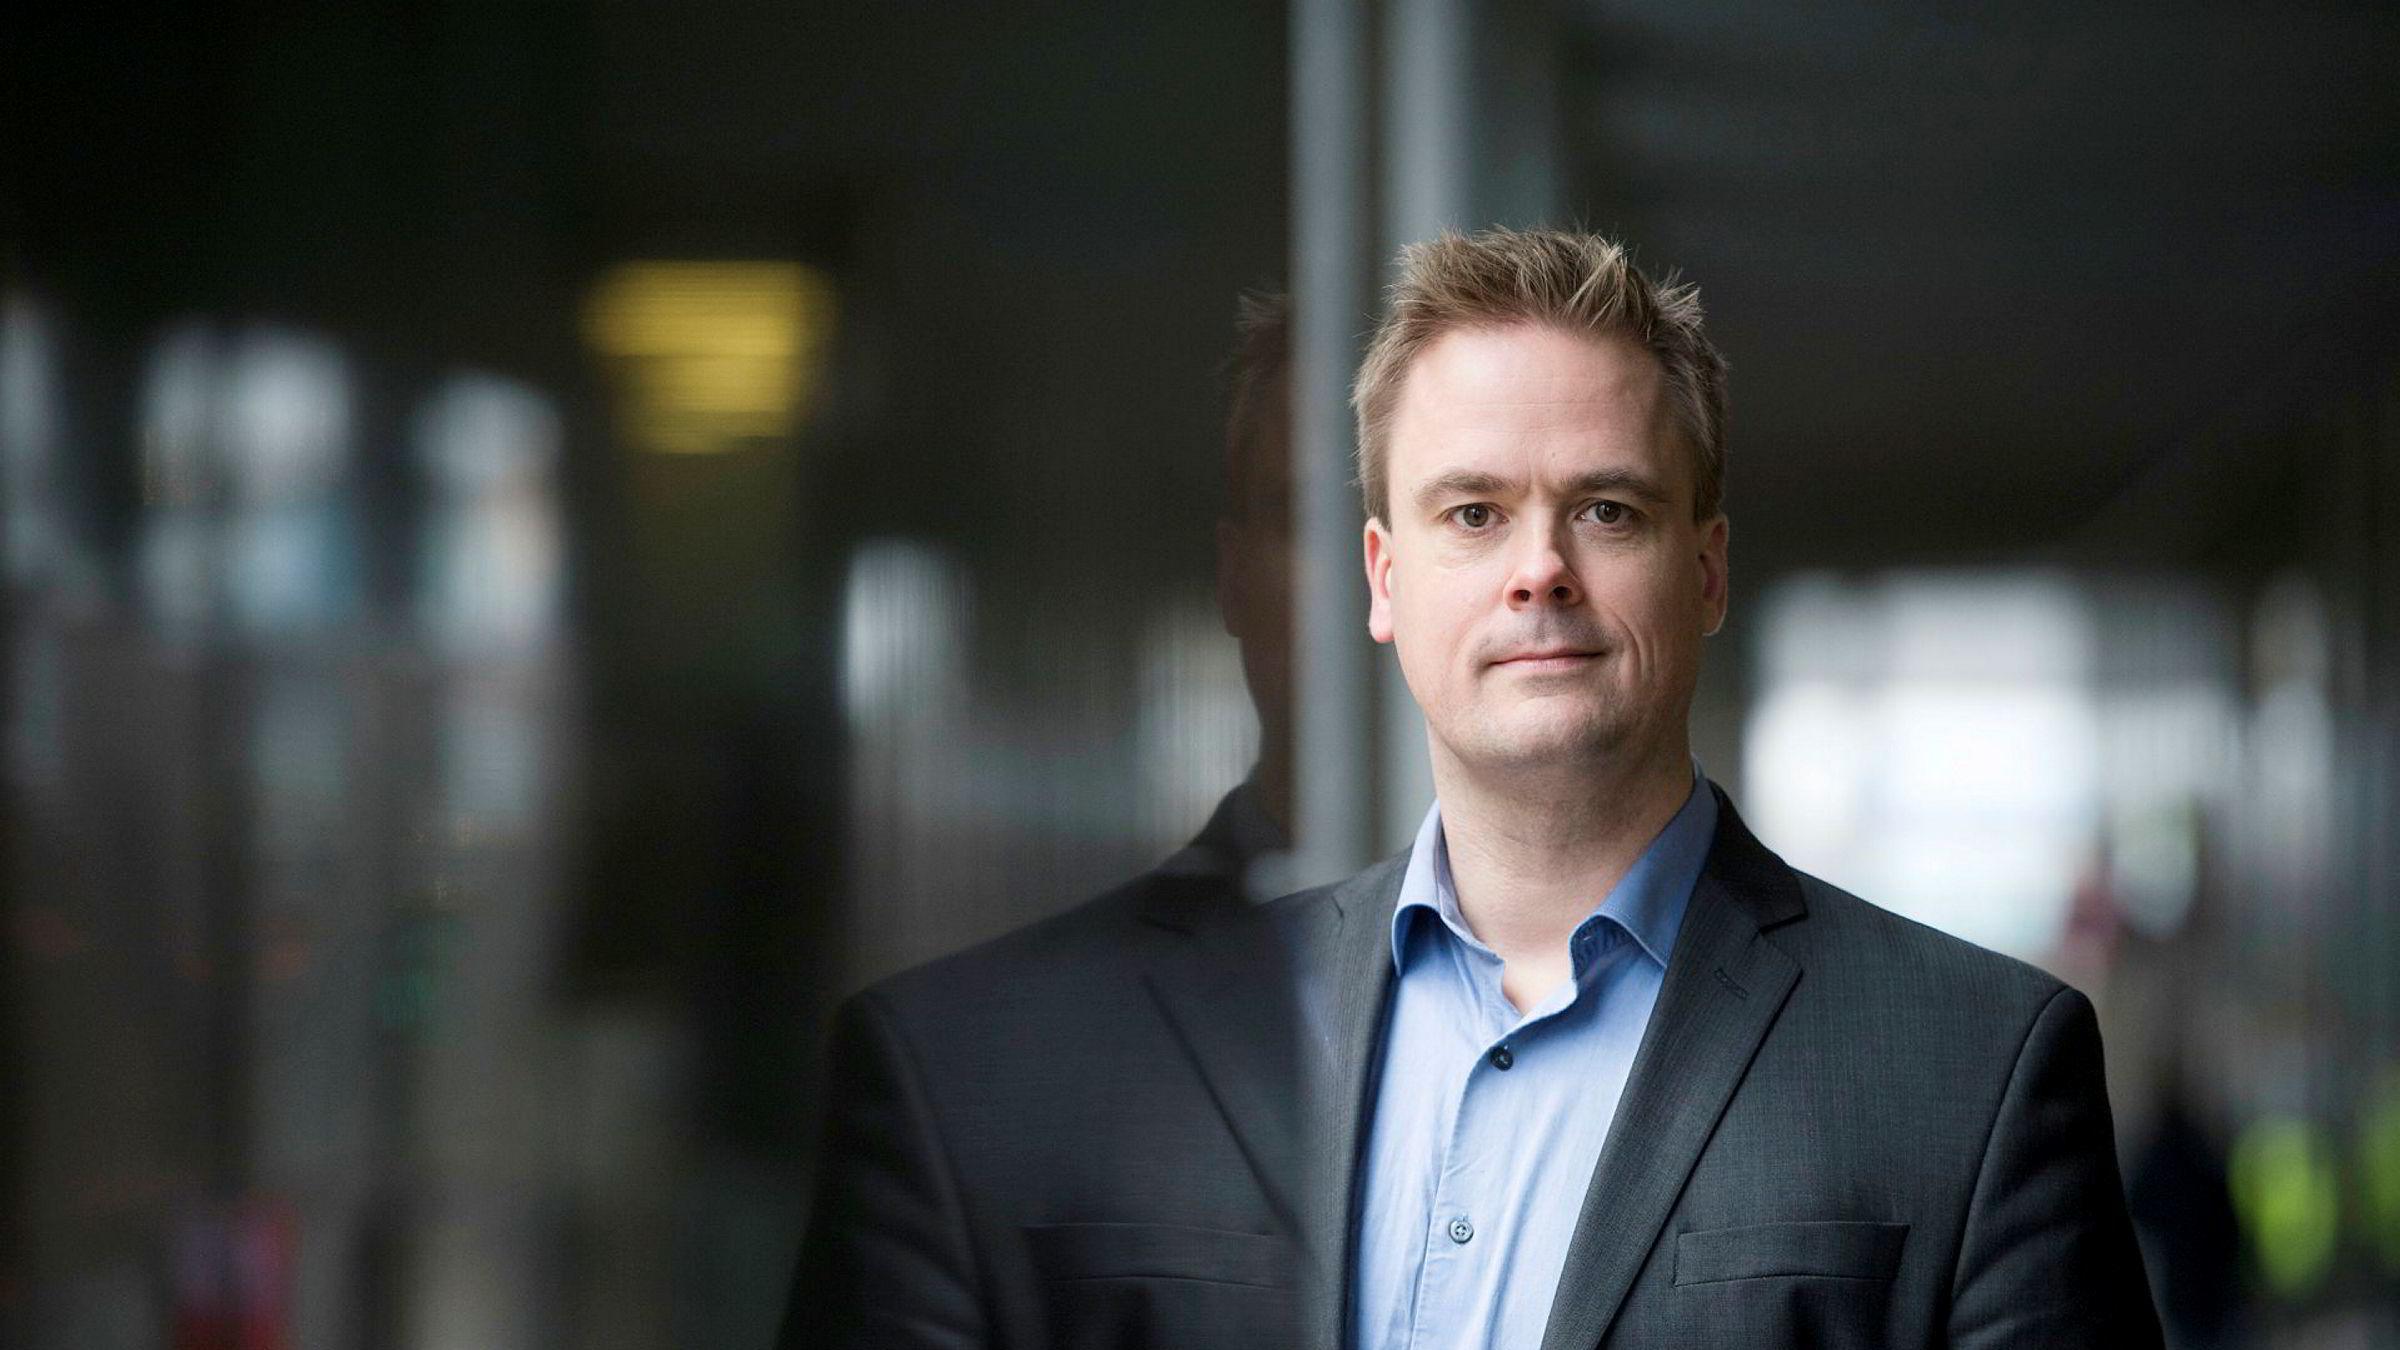 – Jeg hadde ønsket meg at man strammet inn på avdragsplikten, sier direktør for personmarked Endre Jo Reite i BN Bank.